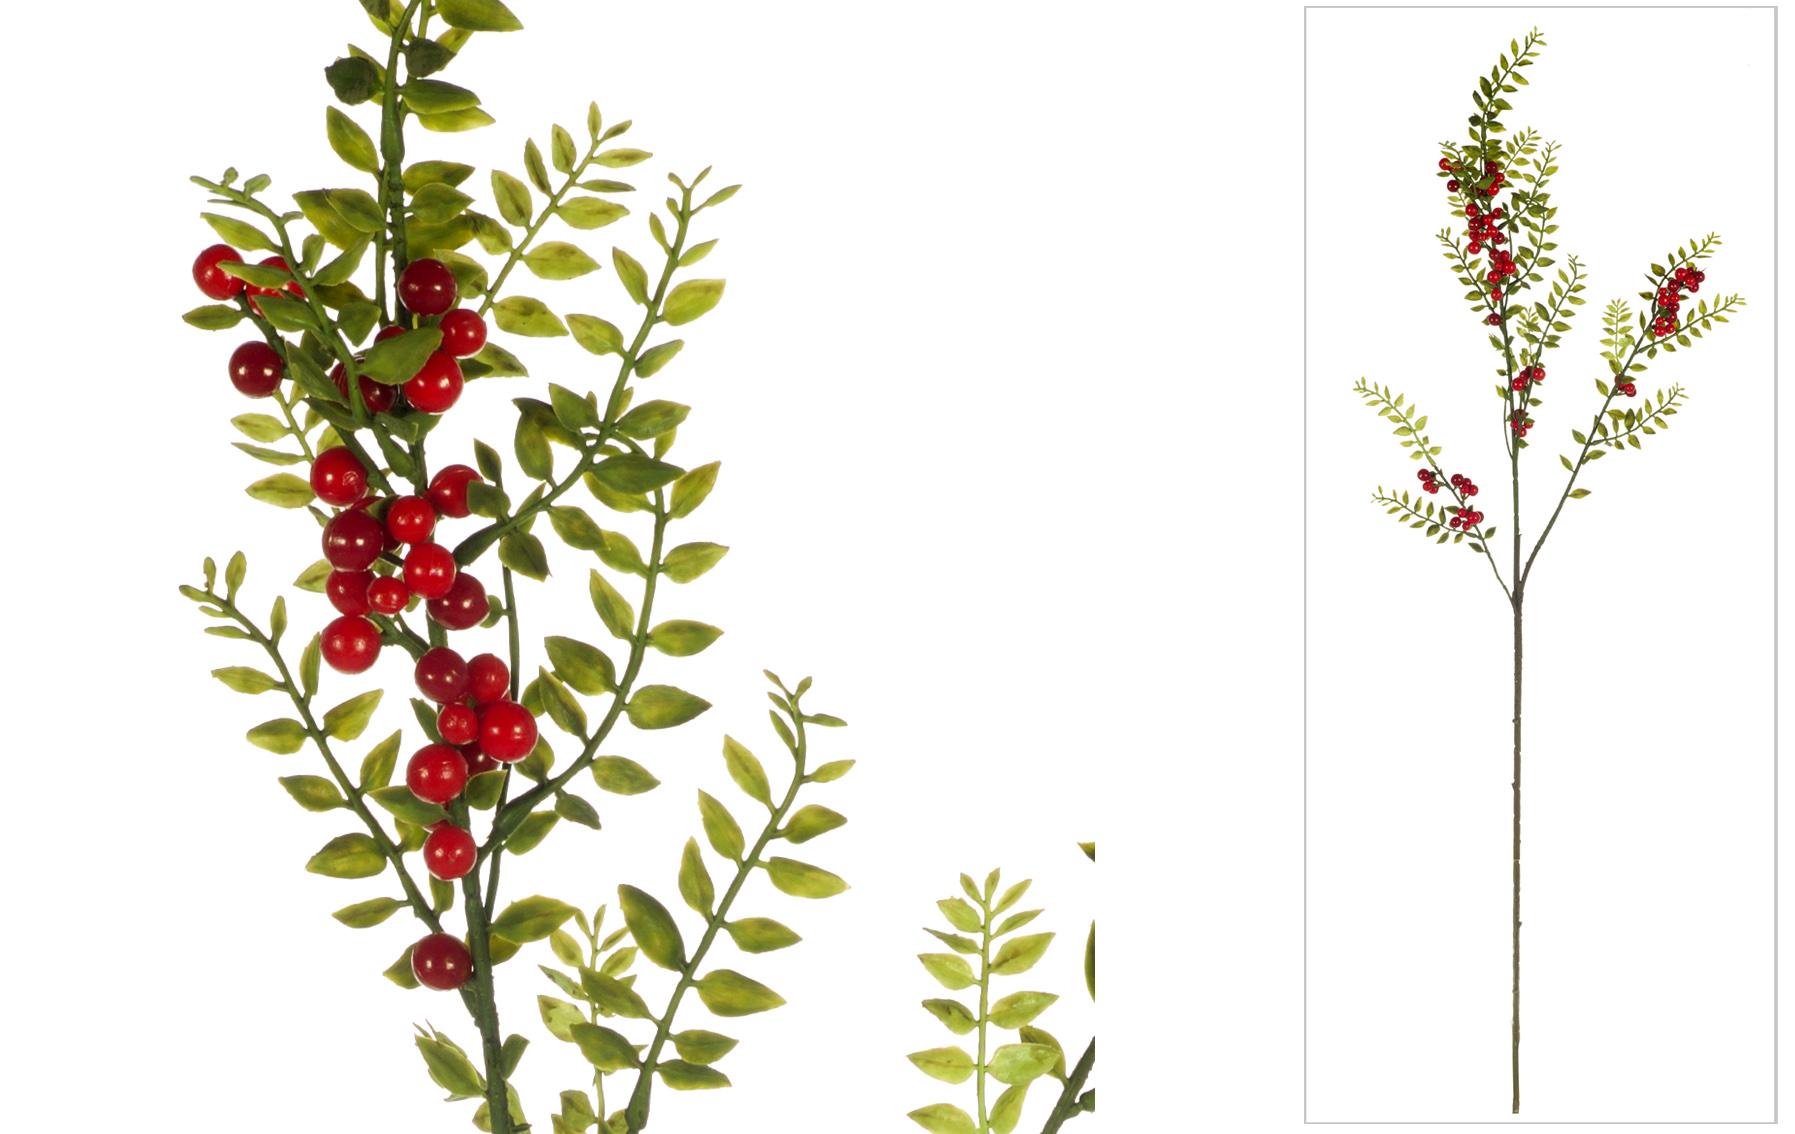 Vara Berrys y boj navidad www.floresymuchomas.com